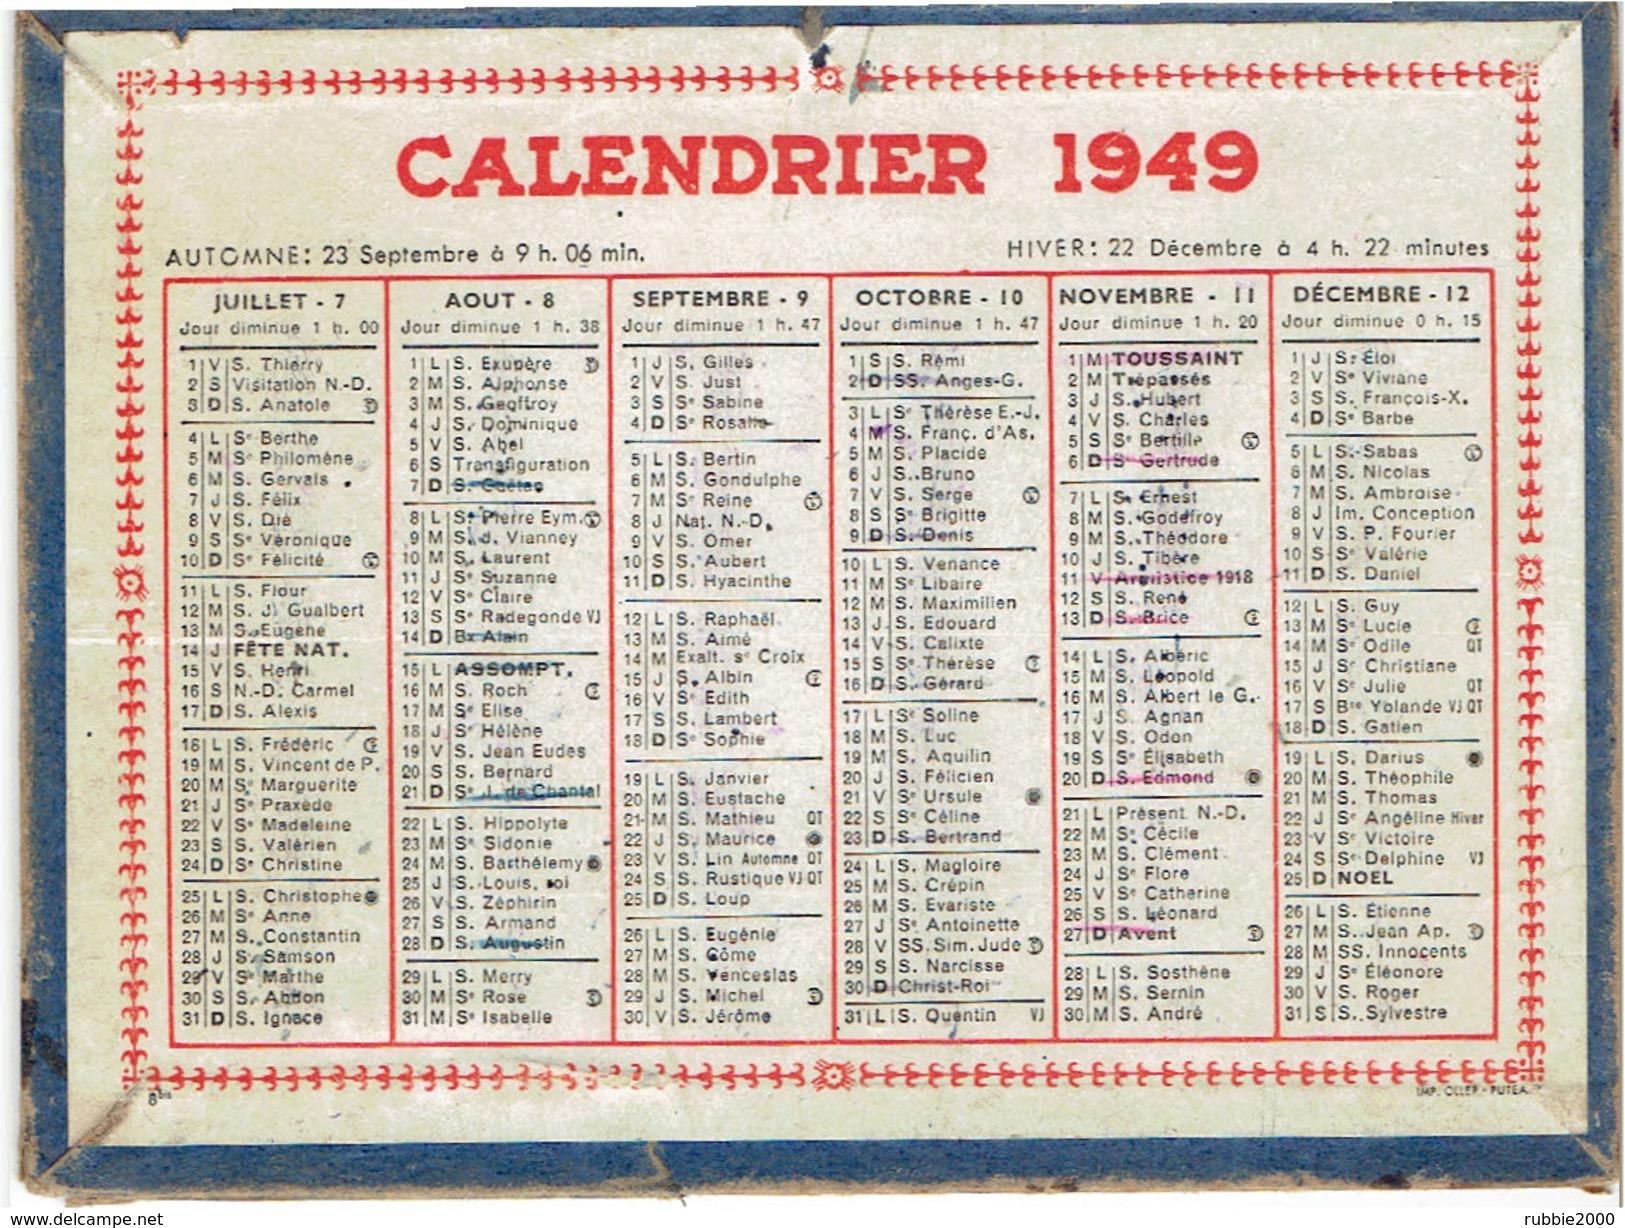 CALENDRIER CARTONNE 1949 IMPRIMEUR OLLER A PUTEAUX - Calendriers